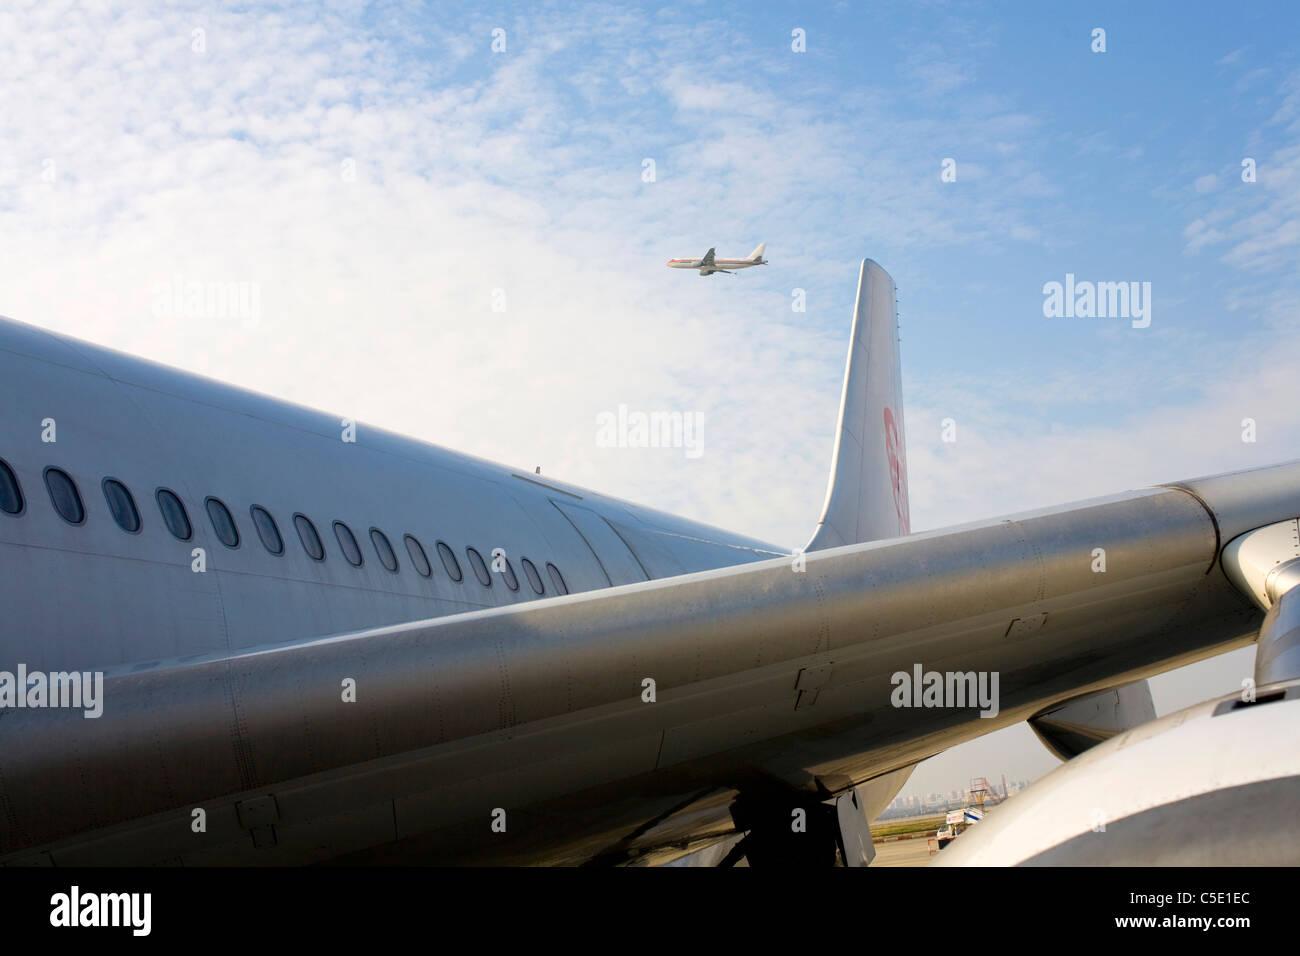 Tagliata di aeromobili con un aereo contro il cielo blu e nuvole Immagini Stock